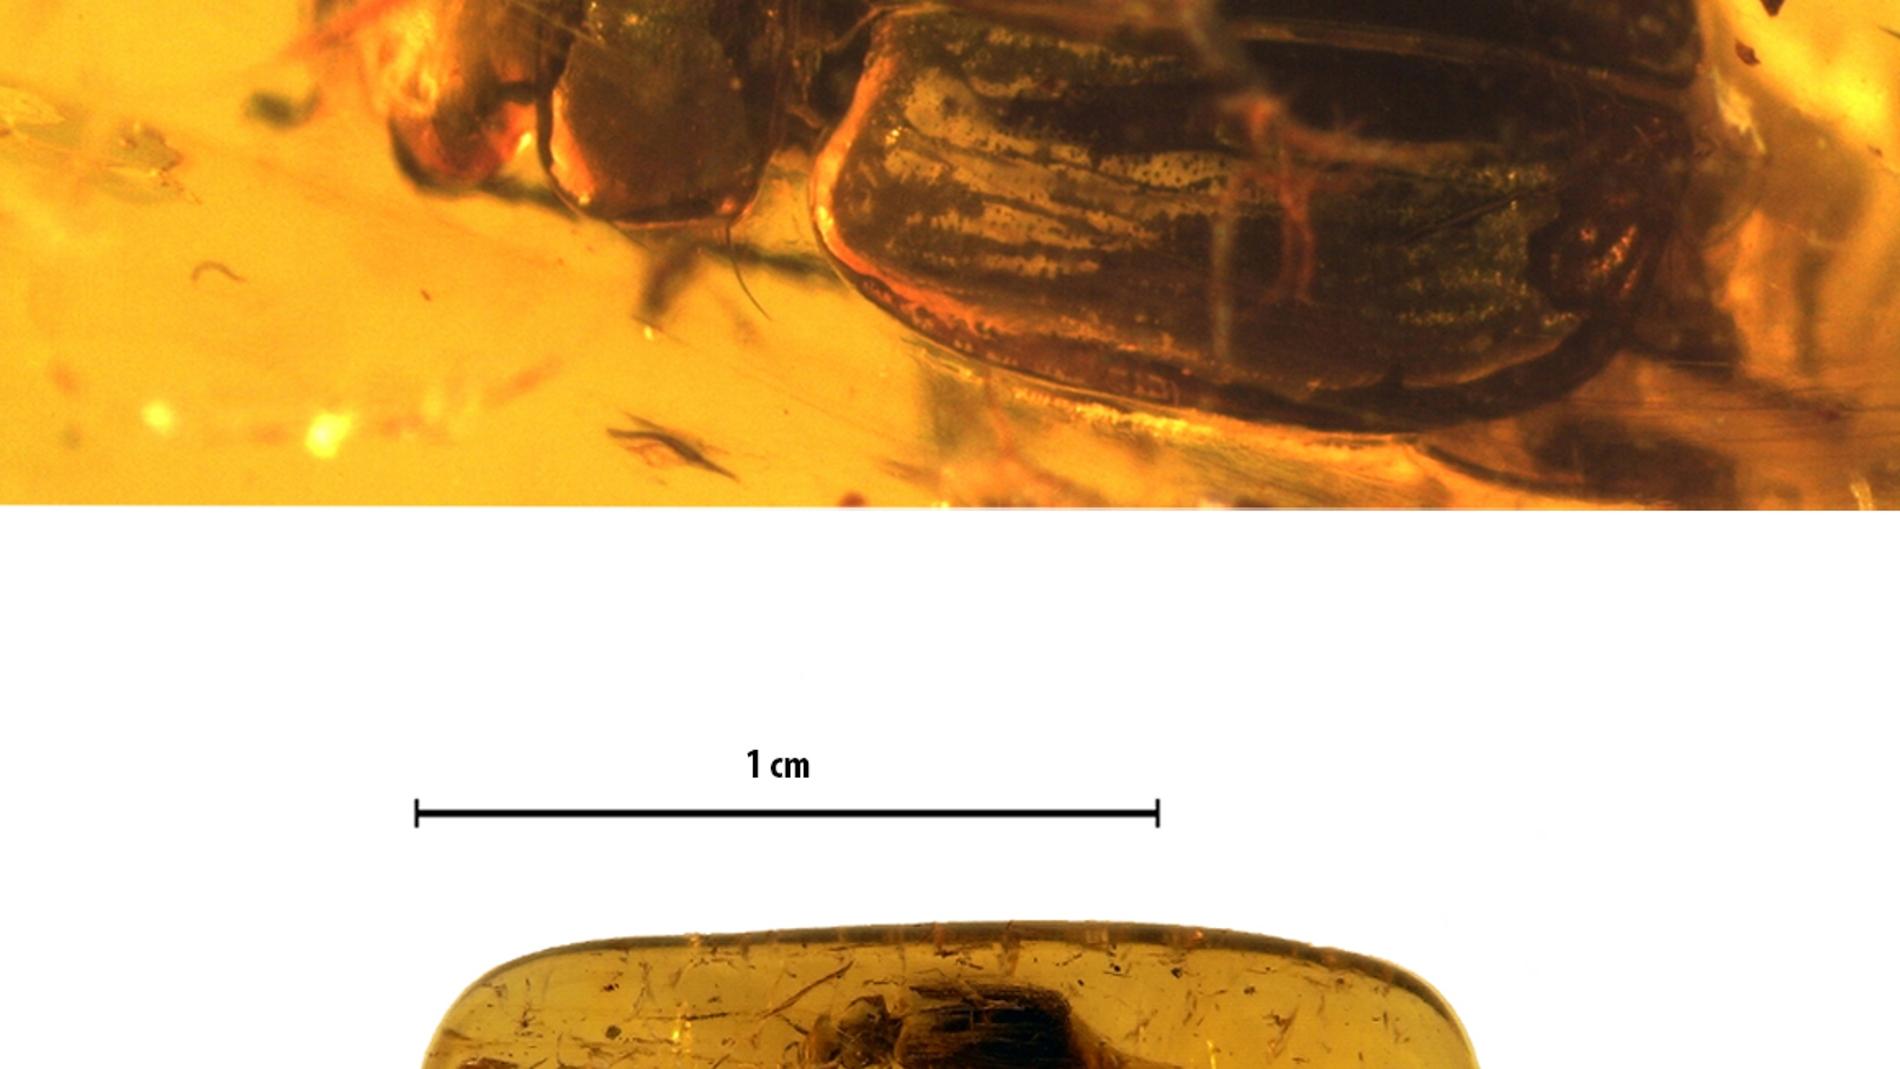 La imagen superior muestra la vista dors